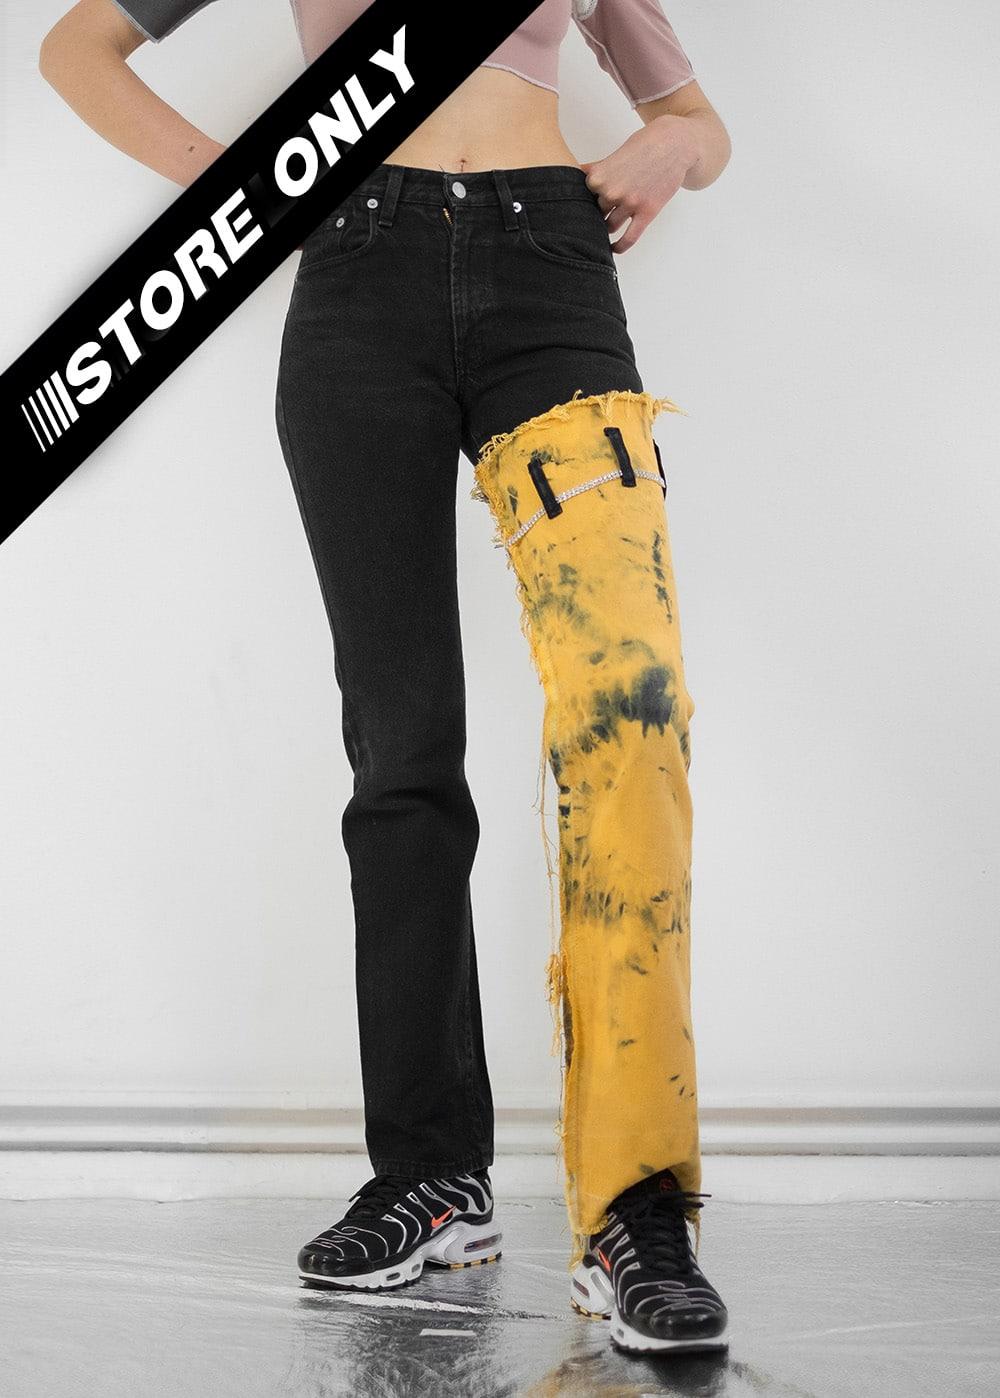 Reworked Tie Dye Jeans 240